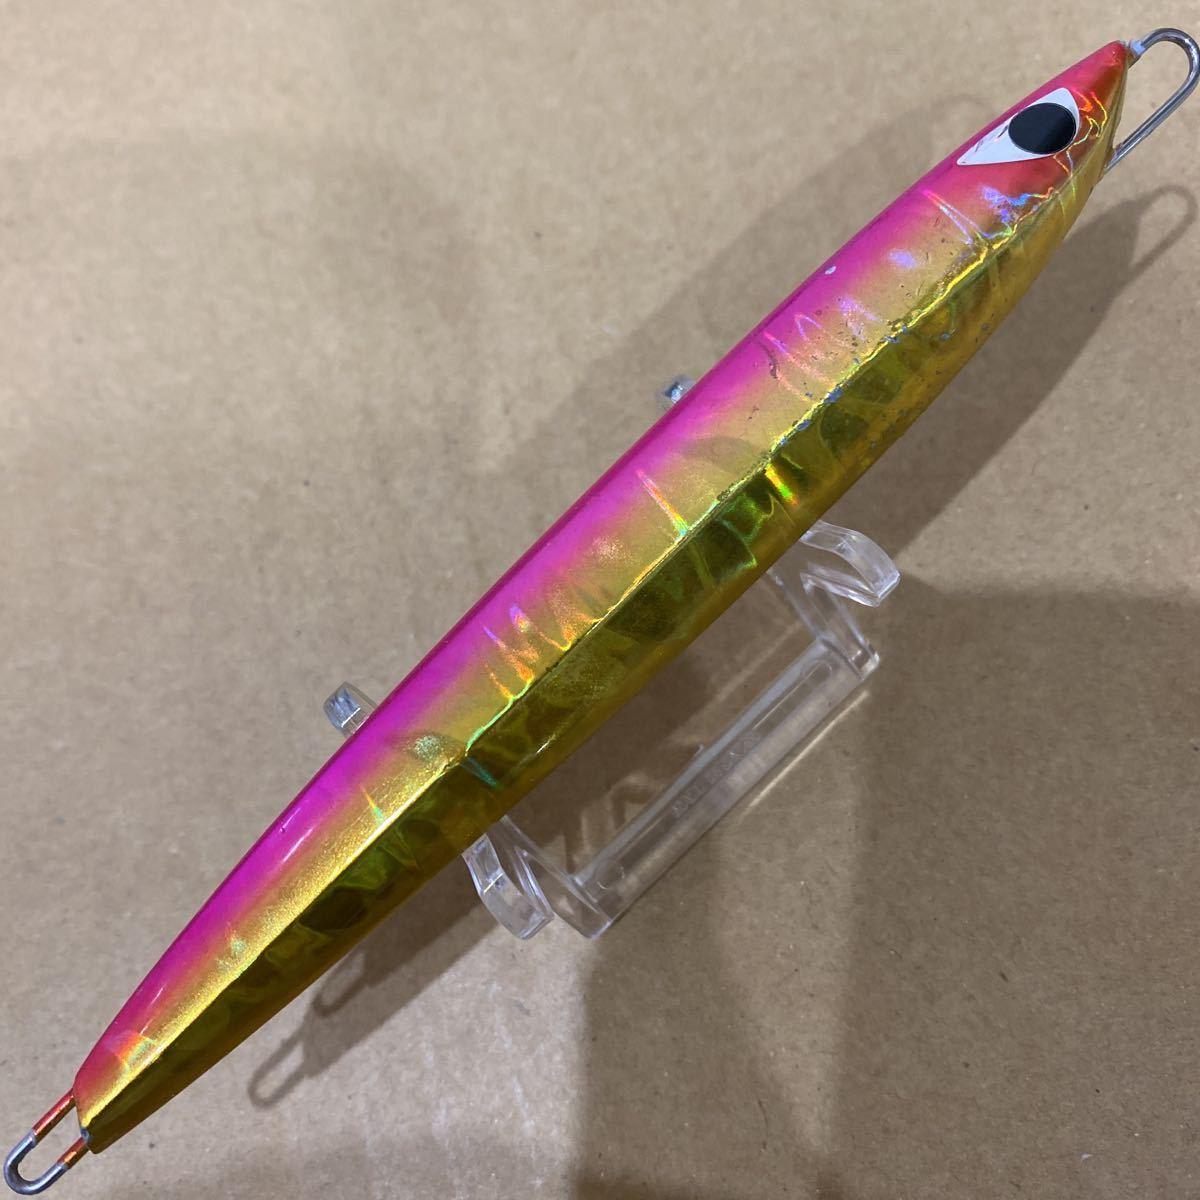 S5-166 CB ONE シービーワン ゼロワン ZERO1 セミロング 110g 人気色 メタルジグ ジギング ソルト ルアー 同梱可_画像4